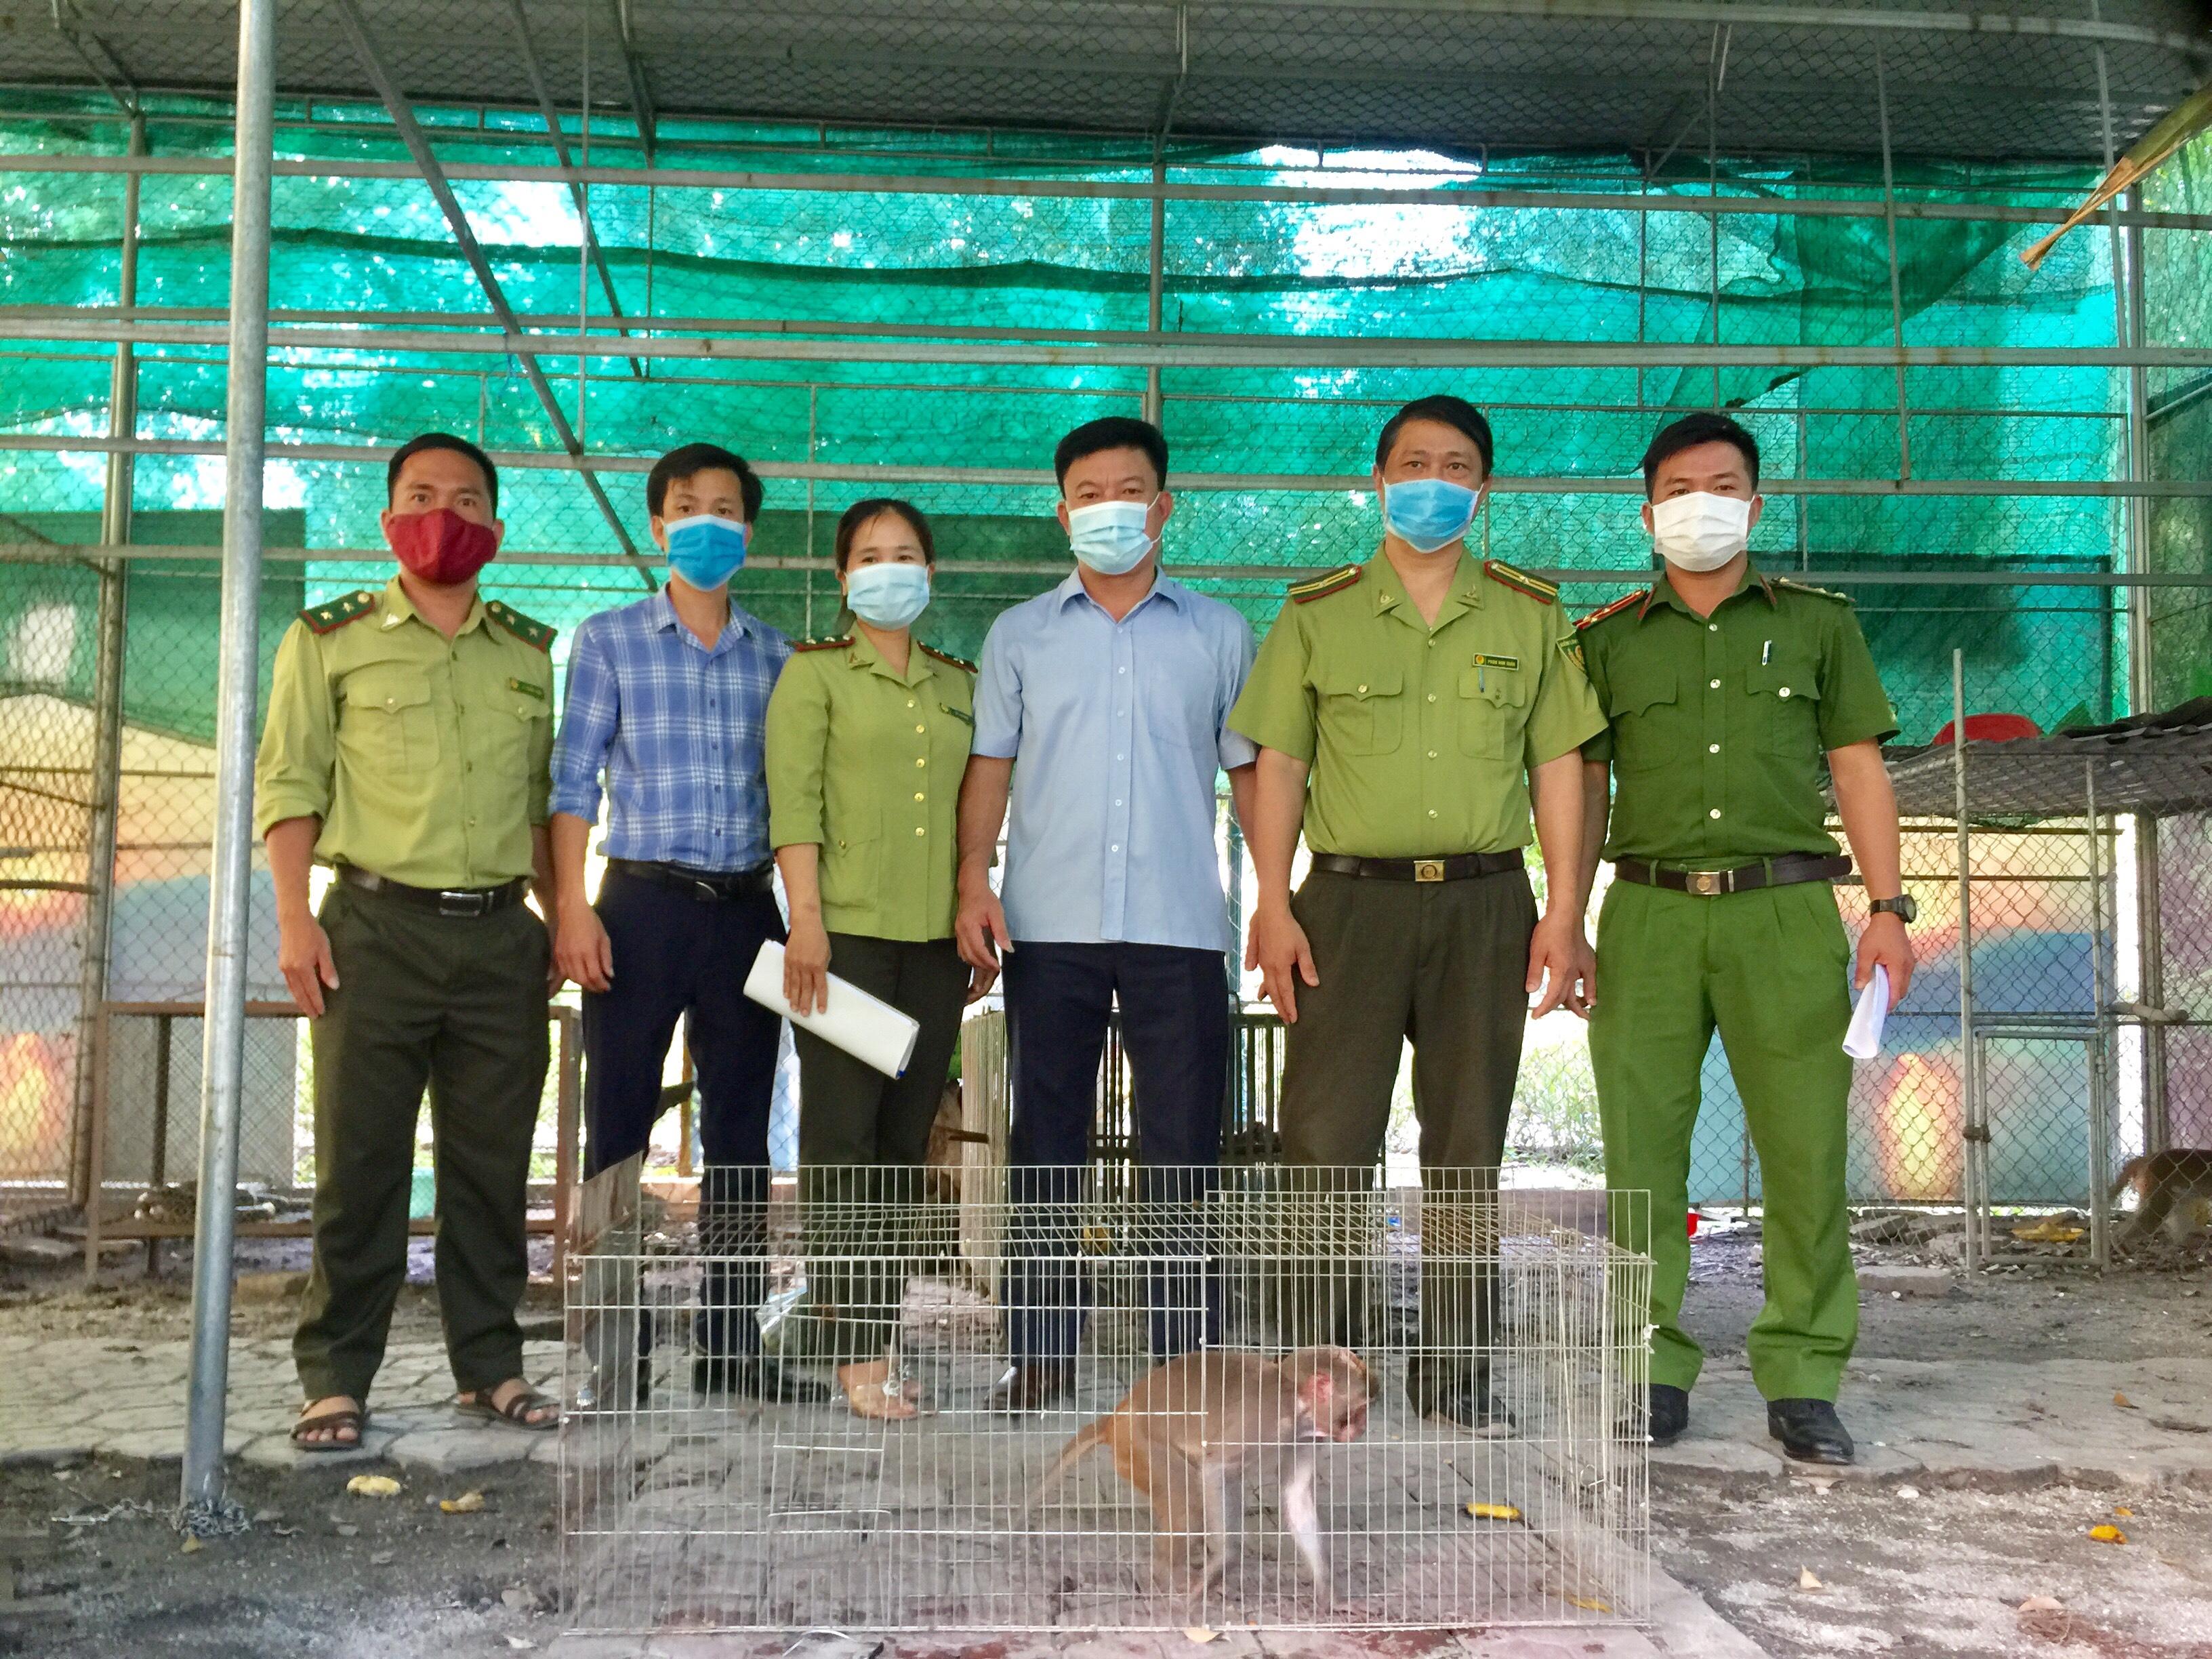 Vườn Quốc gia Vũ Quang tiếp nhận 1 cá thể động vật hoang dã quý, hiếm từ Hạt kiểm lâm Can Lộc để chăm sóc, cứu hộ.